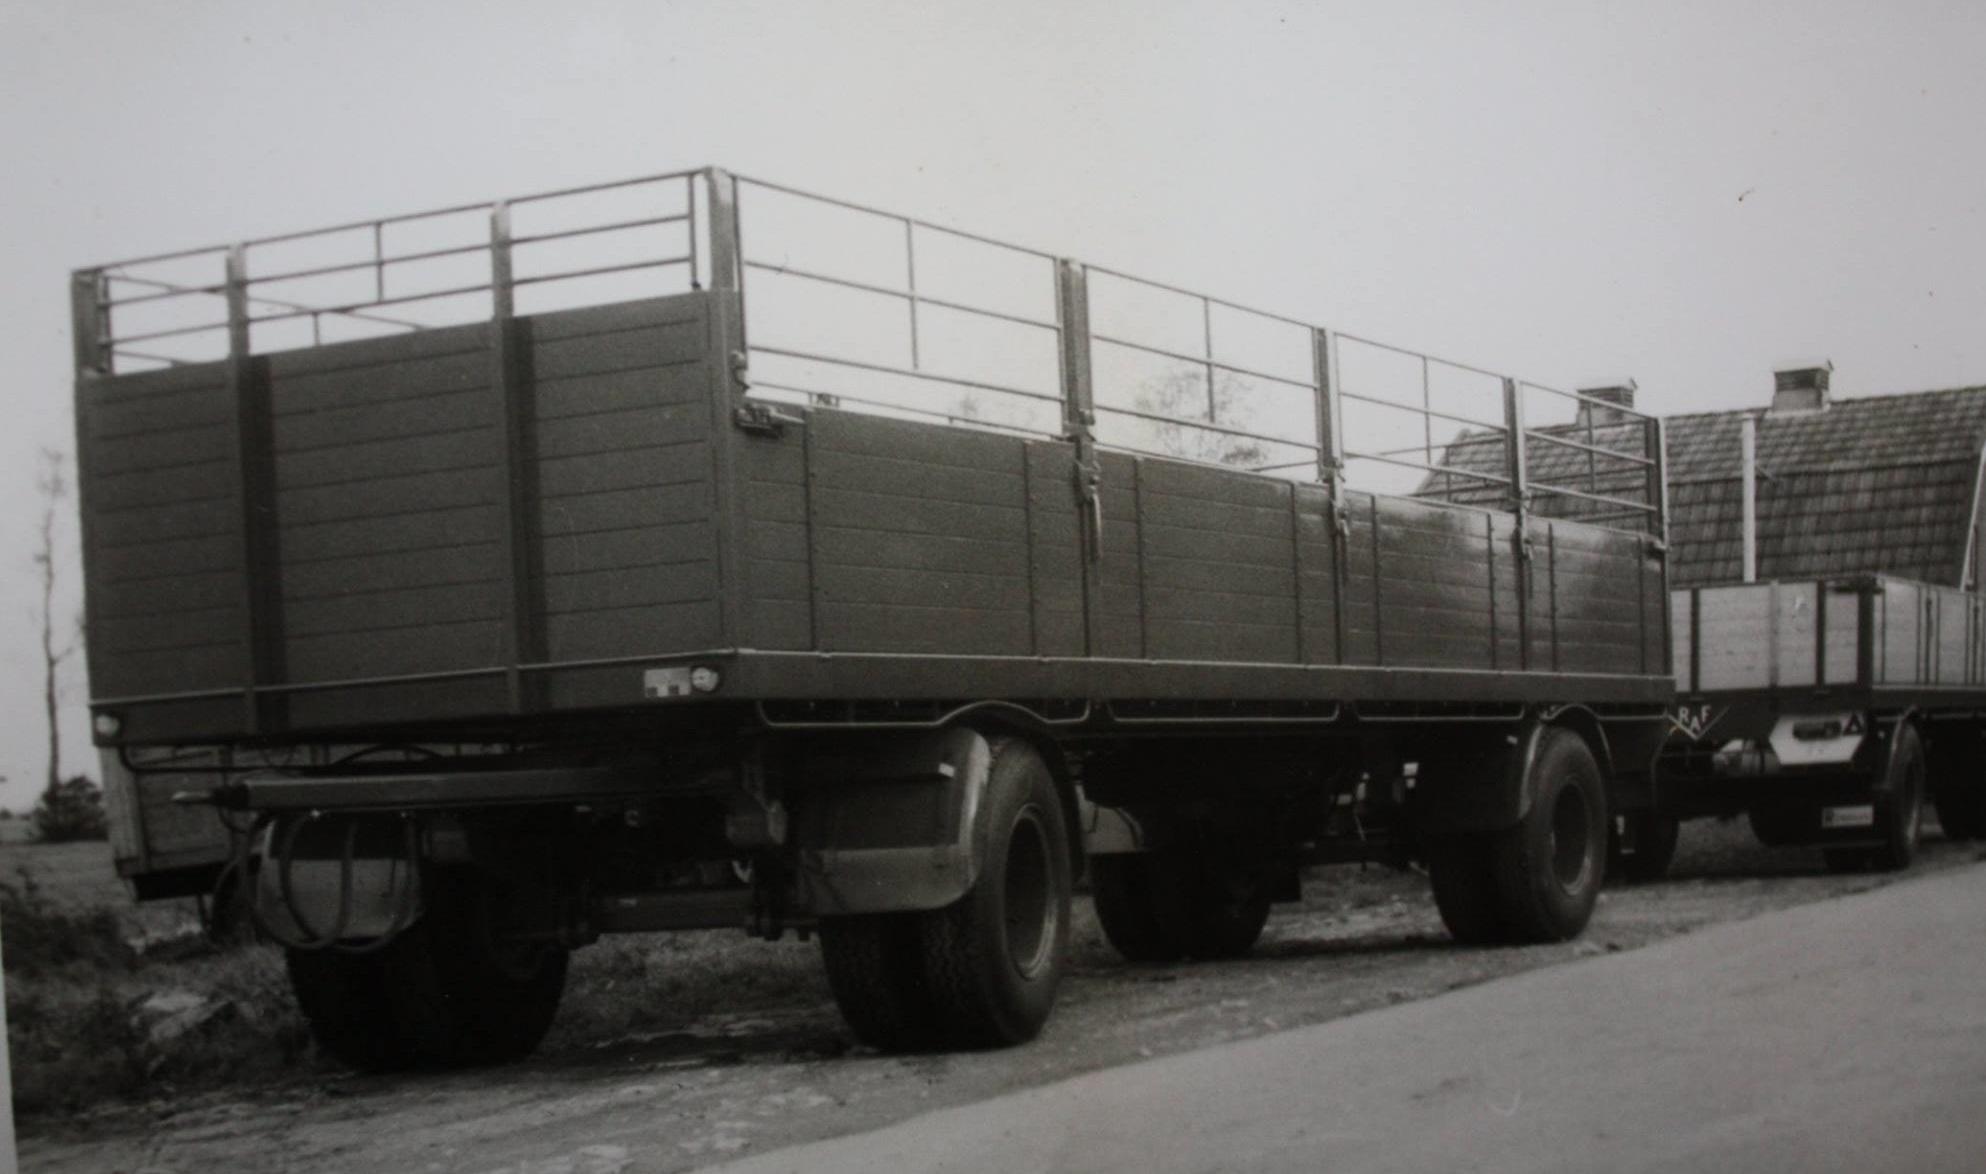 RAF-aanhangwagen-met-zijschotten-en-hekken-is-door-Rondaan-in-Beetgum-gebouwd-voor-L-A--van-Dijk-uit-Goutum